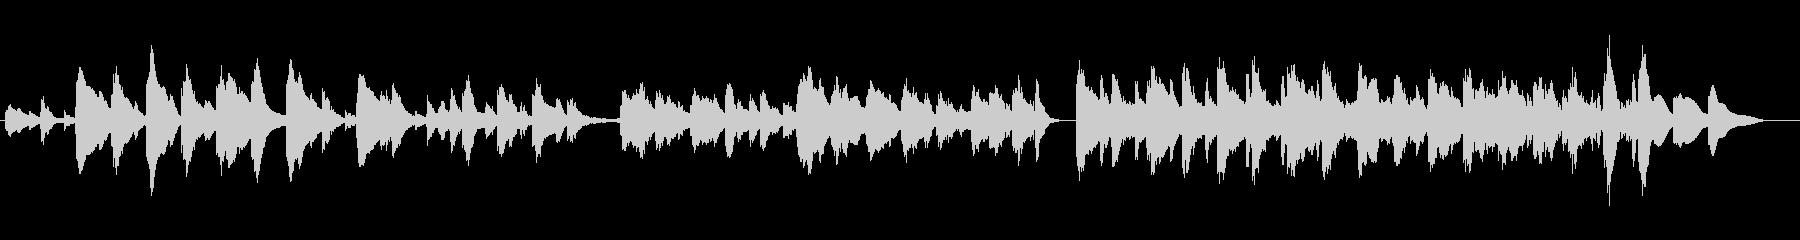 ハープのクラシック風の華麗な曲の未再生の波形